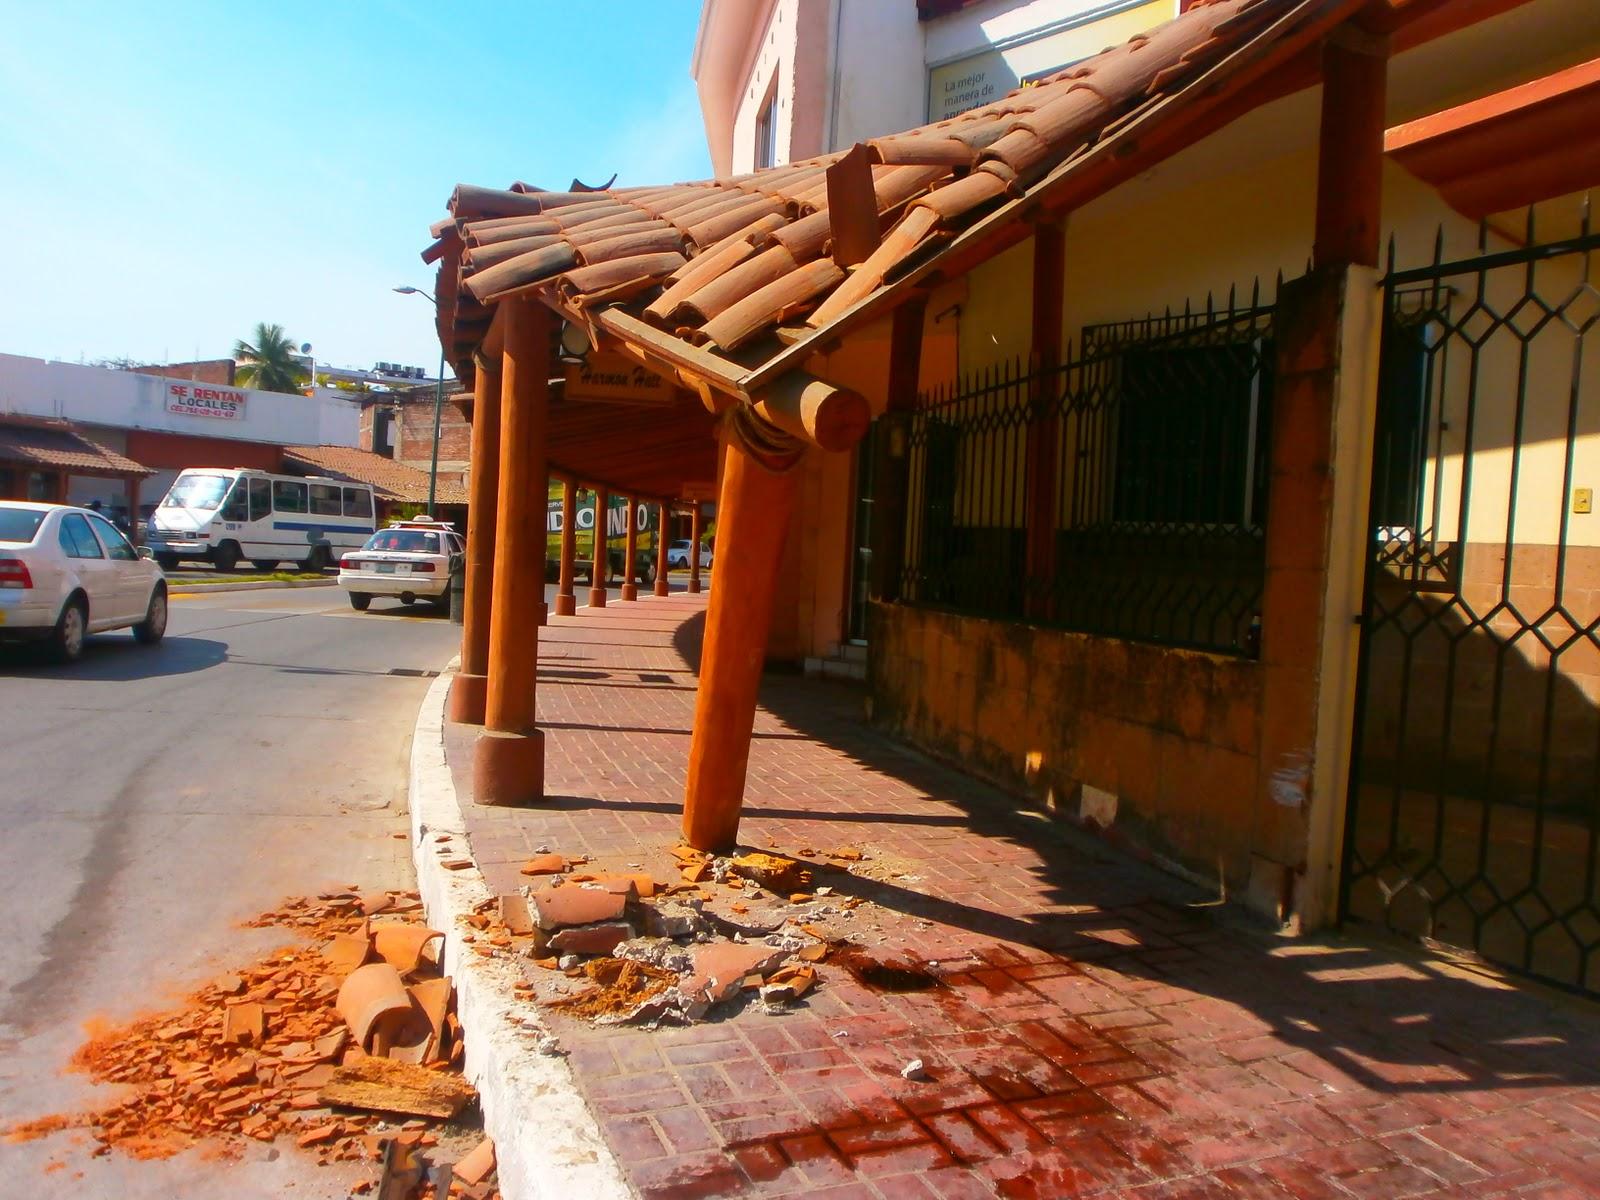 Rafaga Noticiera Otro Tejaban Chocado Por Borrachos En El